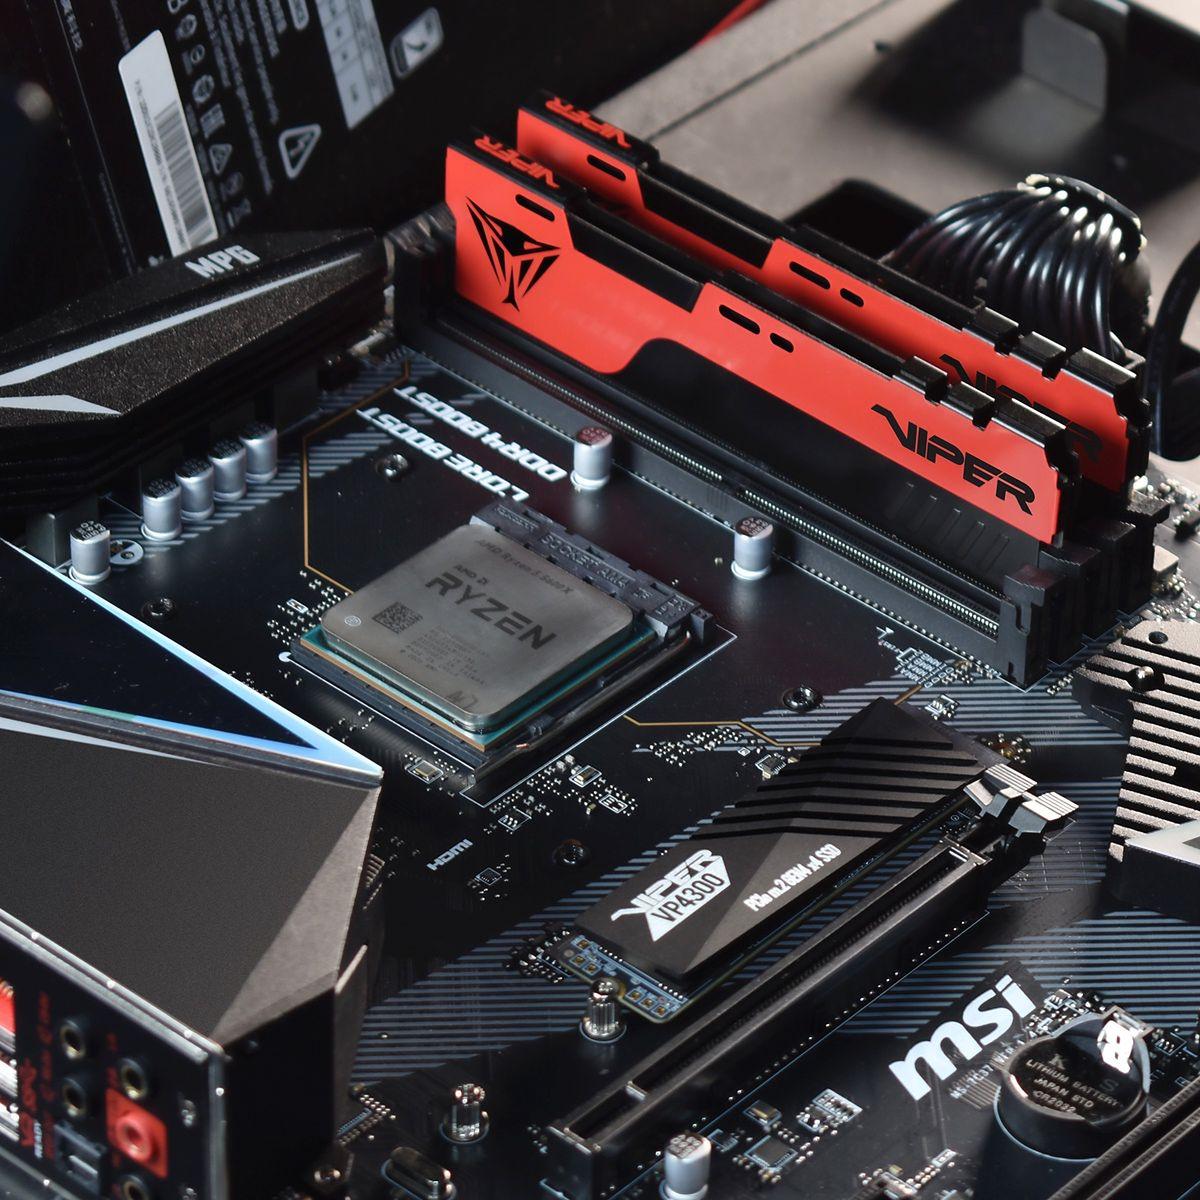 VIPER GAMING by Patriot prezentuje nowe wysokowydajne pamięci DDR4 - VIPER ELITE II PERFORMANCE MEMORY - DDR4 - VIPER ELITE II PERFORMANCE MEMORY